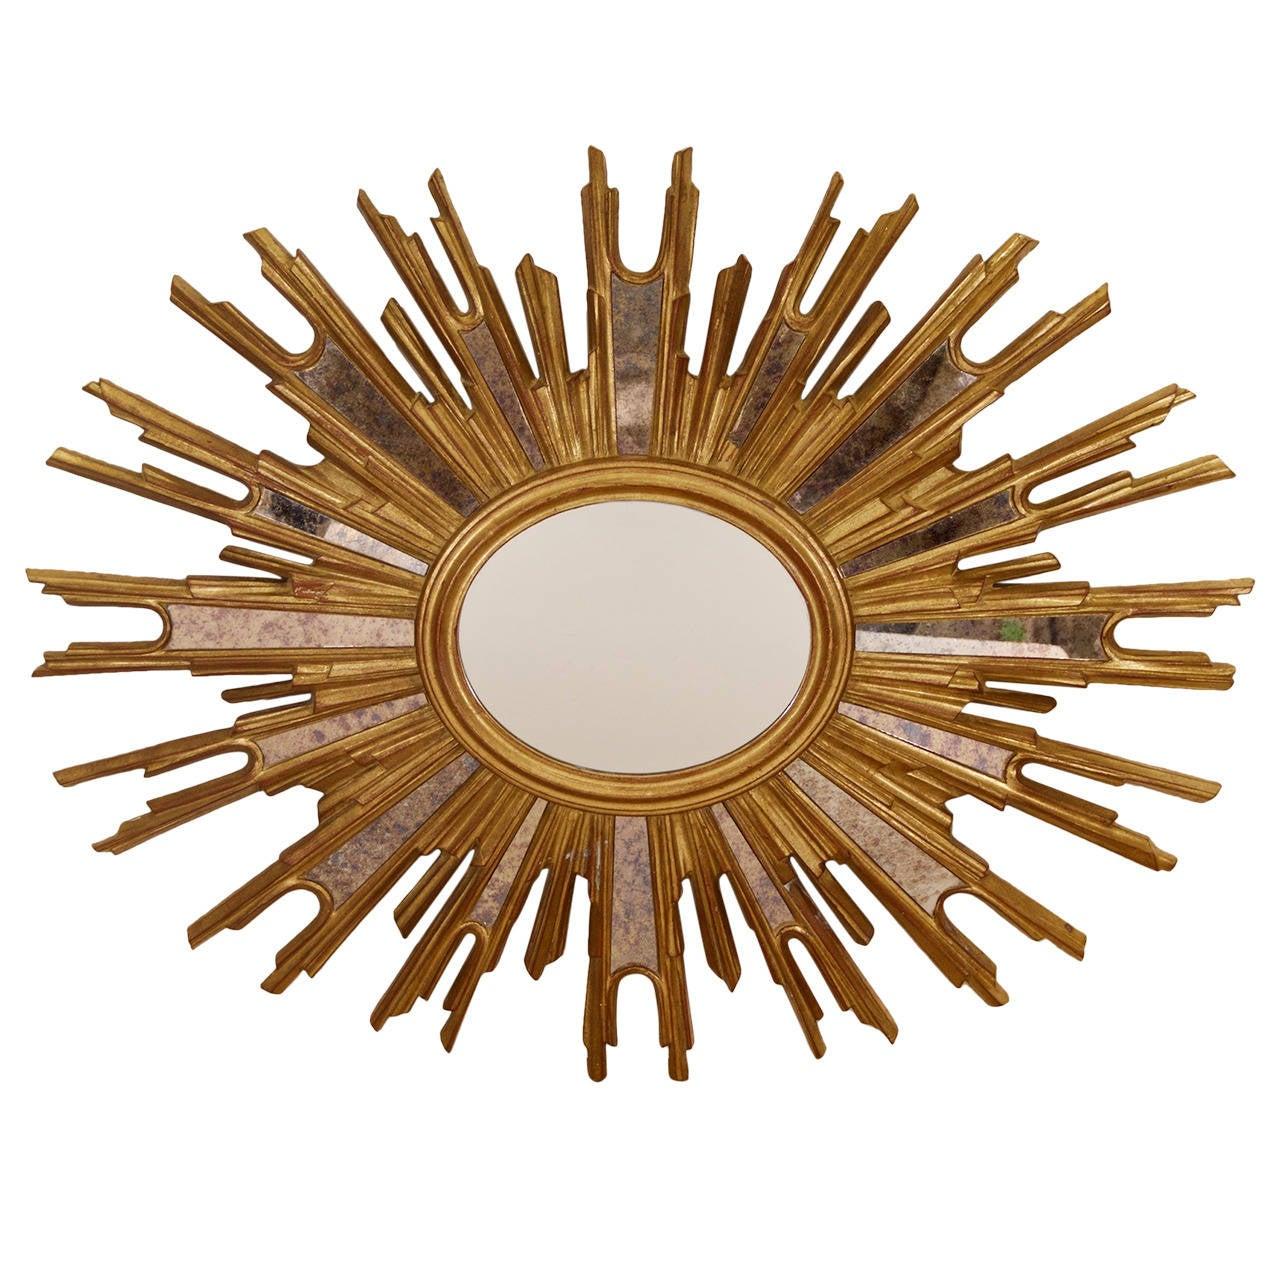 Belgian oval gilt sunburst mirror at 1stdibs for Sunburst mirror